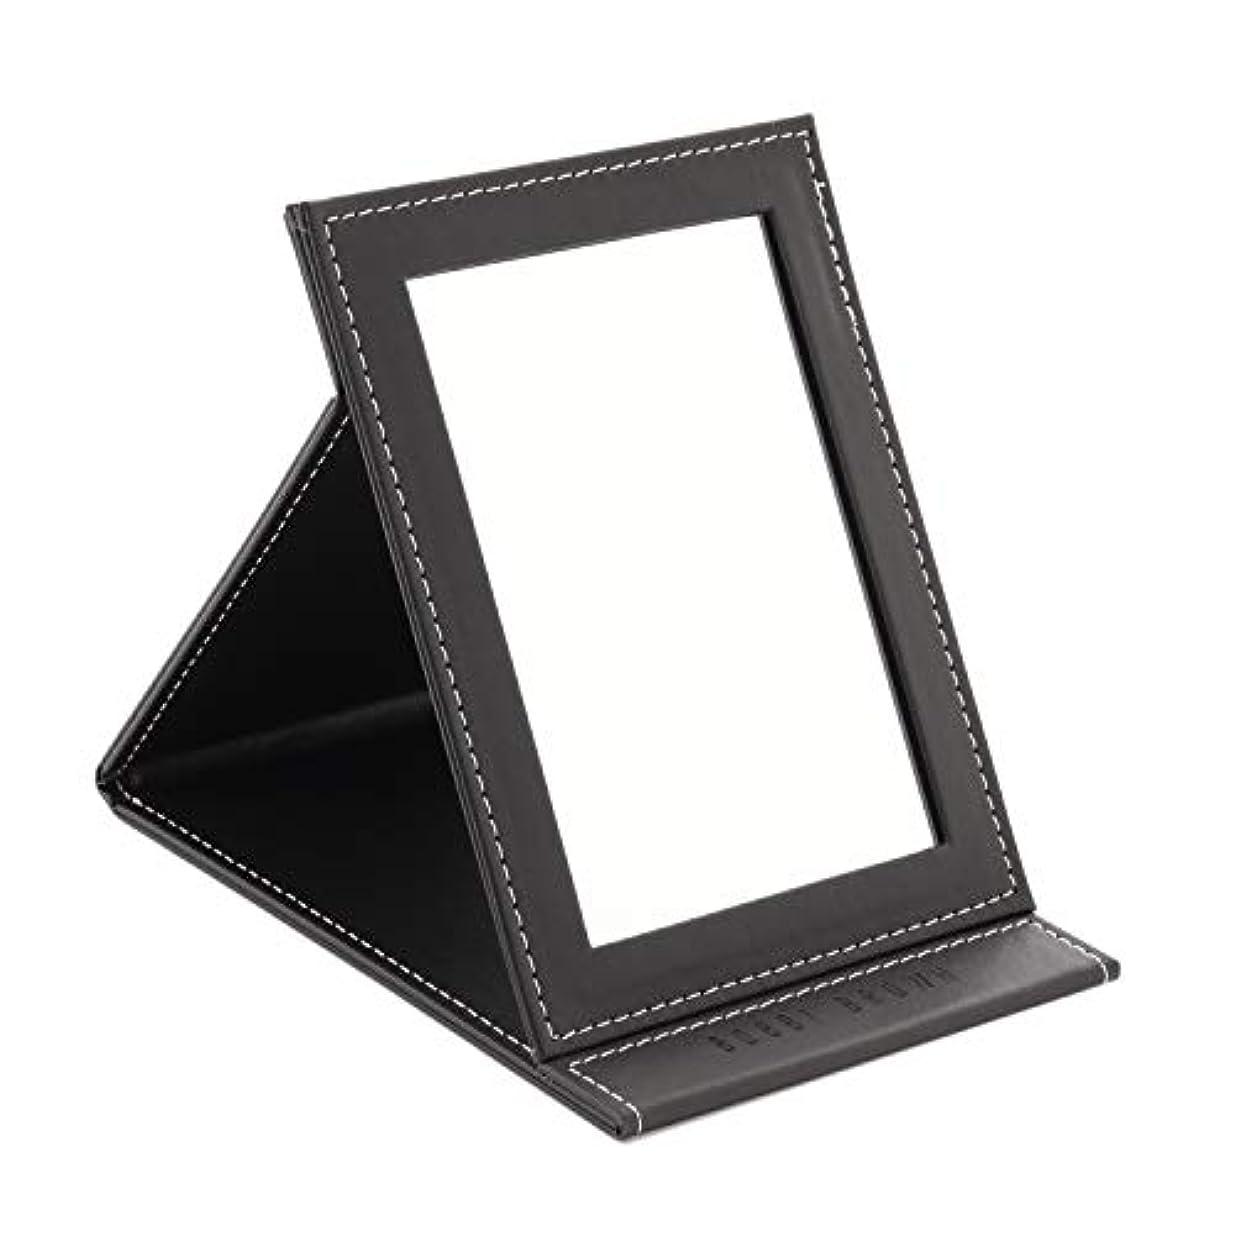 メリーアーティファクト部族[スプレンノ] 折り畳みミラー 化粧鏡 スタンドミラー 角度調整 自由自在 外装PUレザー仕上げ (M)